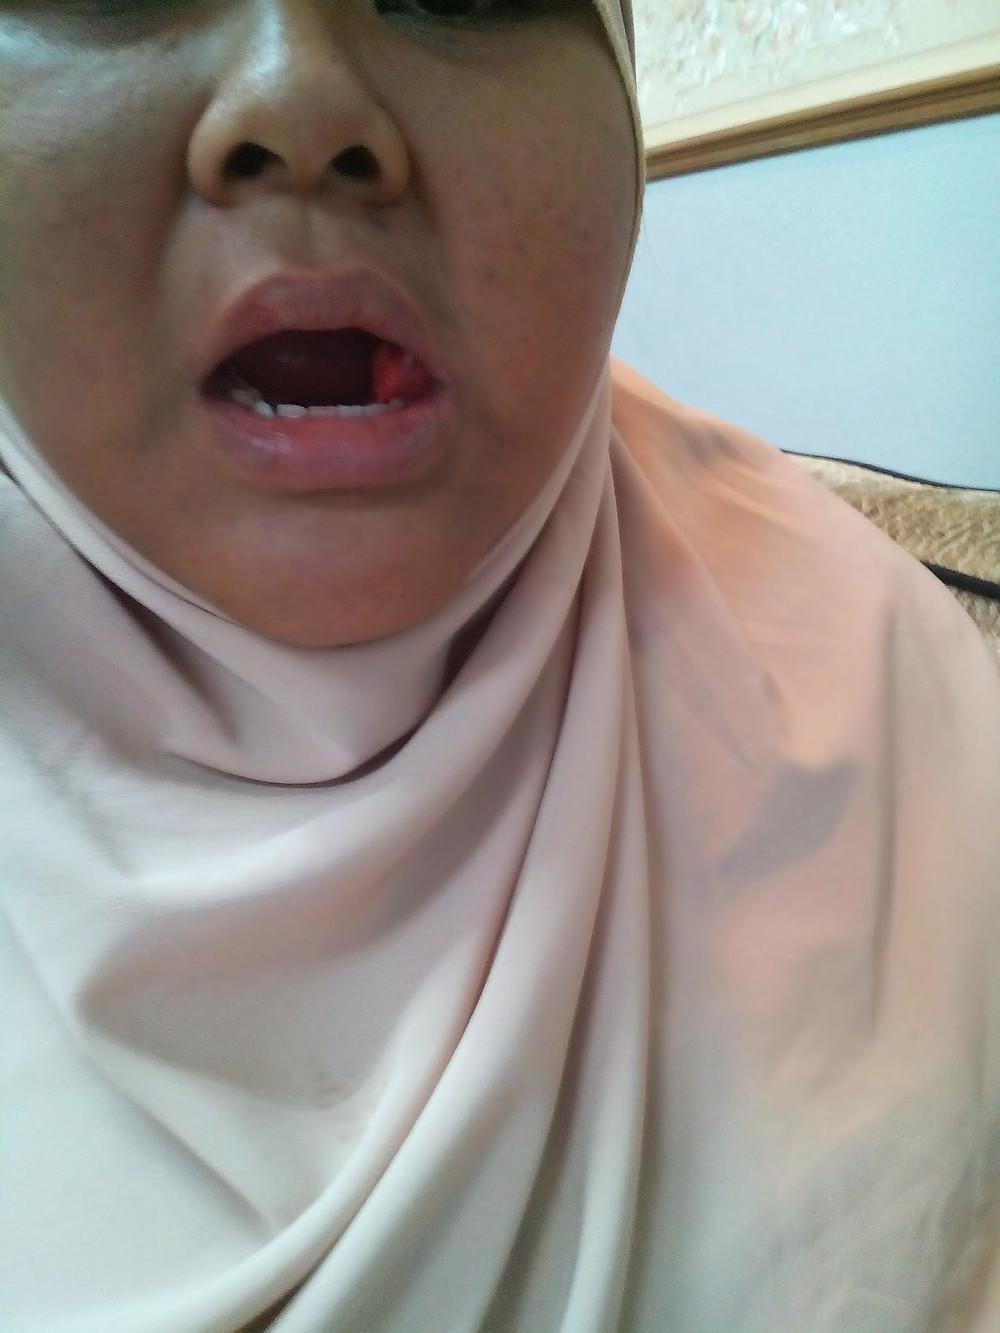 gambar pertama selepas gigi hilang darah banyak kebas separuh muka...